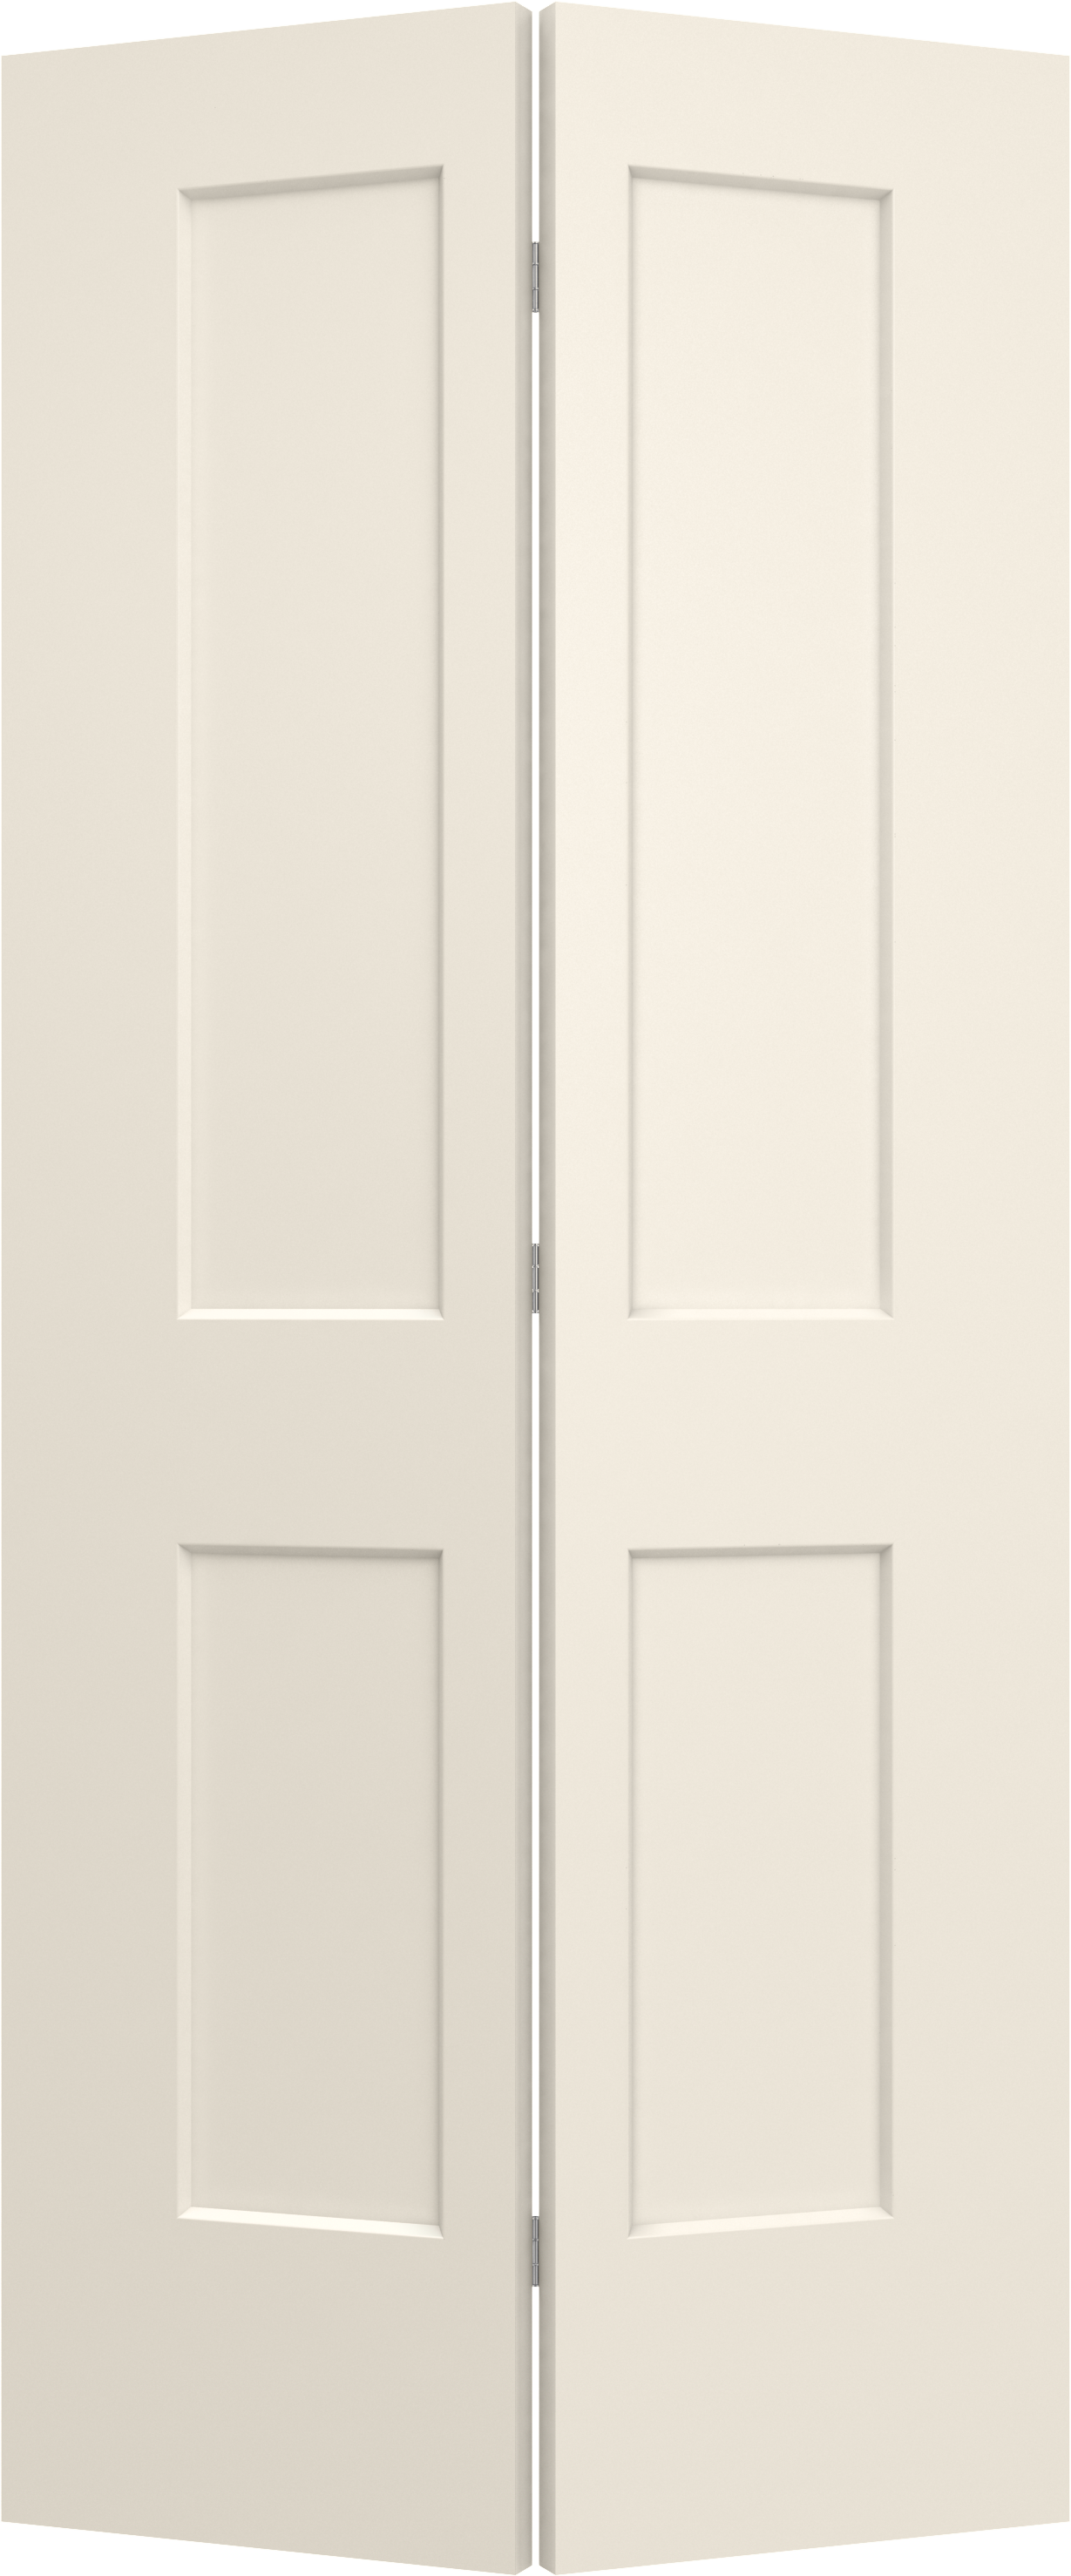 Molded Wood Composite Interior Doors Monroe Smooth Bifold Reliable And Energy Efficient Doors And In 2020 Doors Interior Bifold Interior Doors Energy Efficient Door